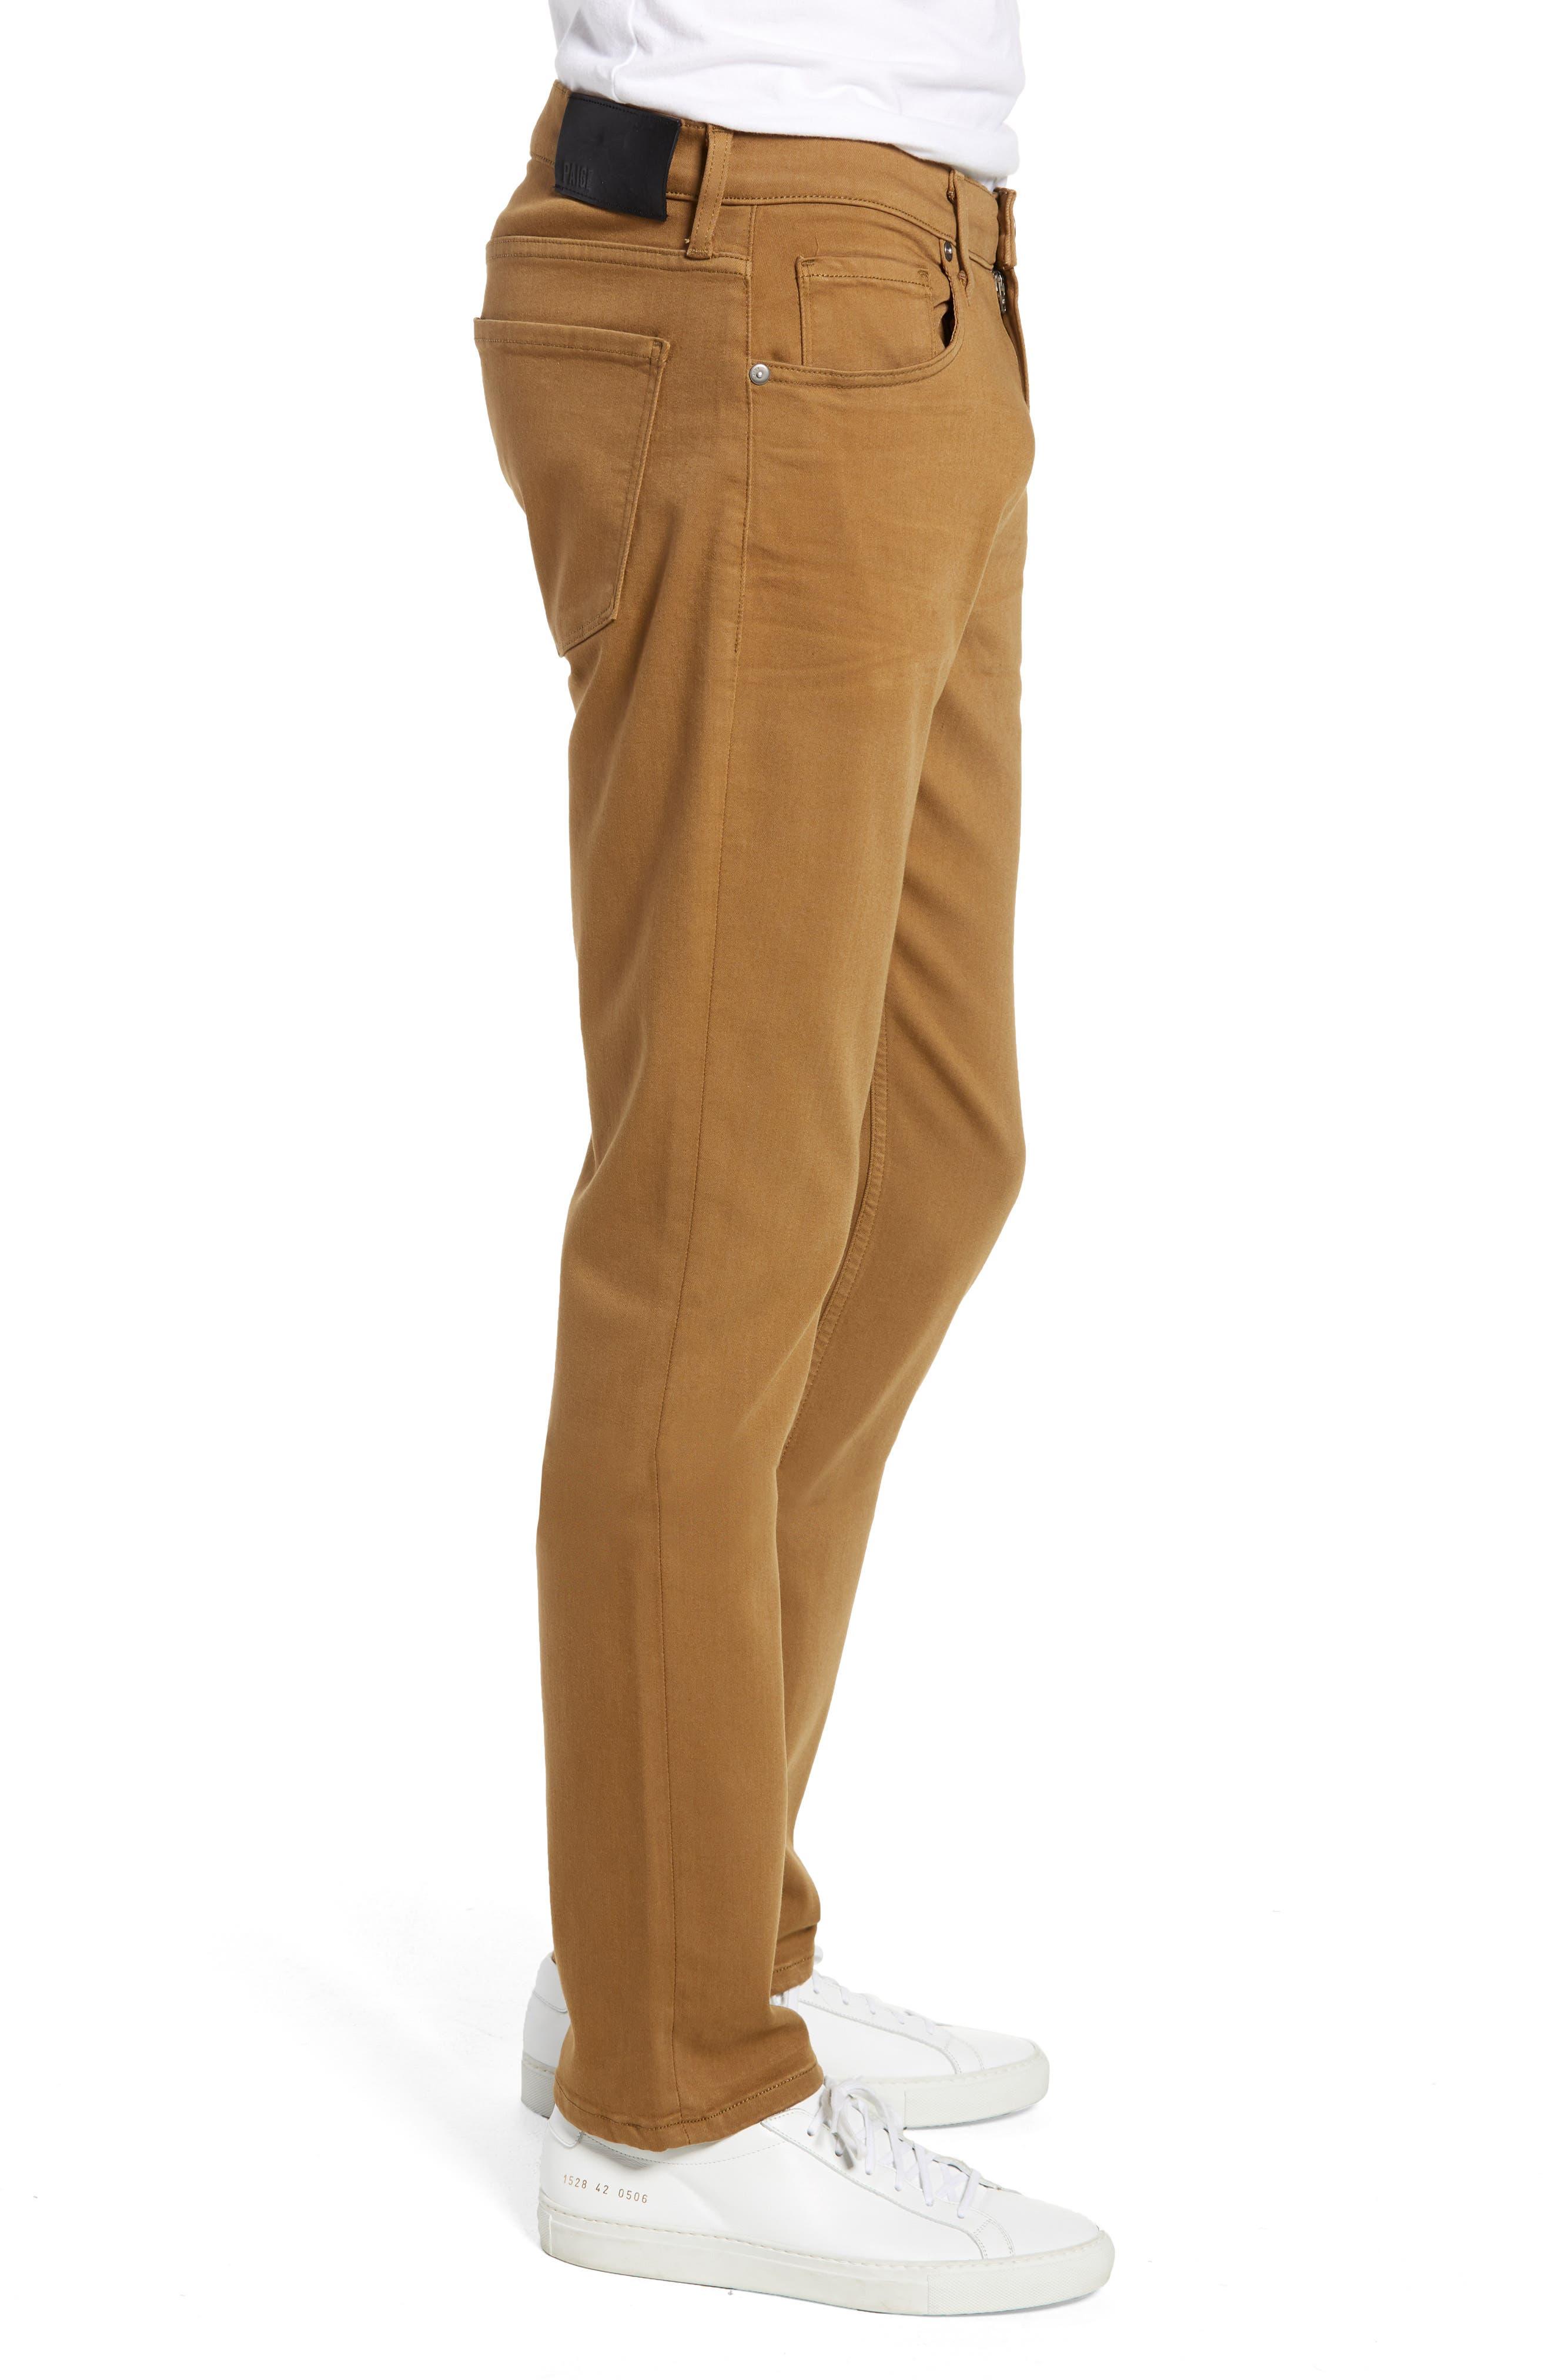 Transcend - Lennox Slim Fit Jeans,                             Alternate thumbnail 3, color,                             LAUREL TAN